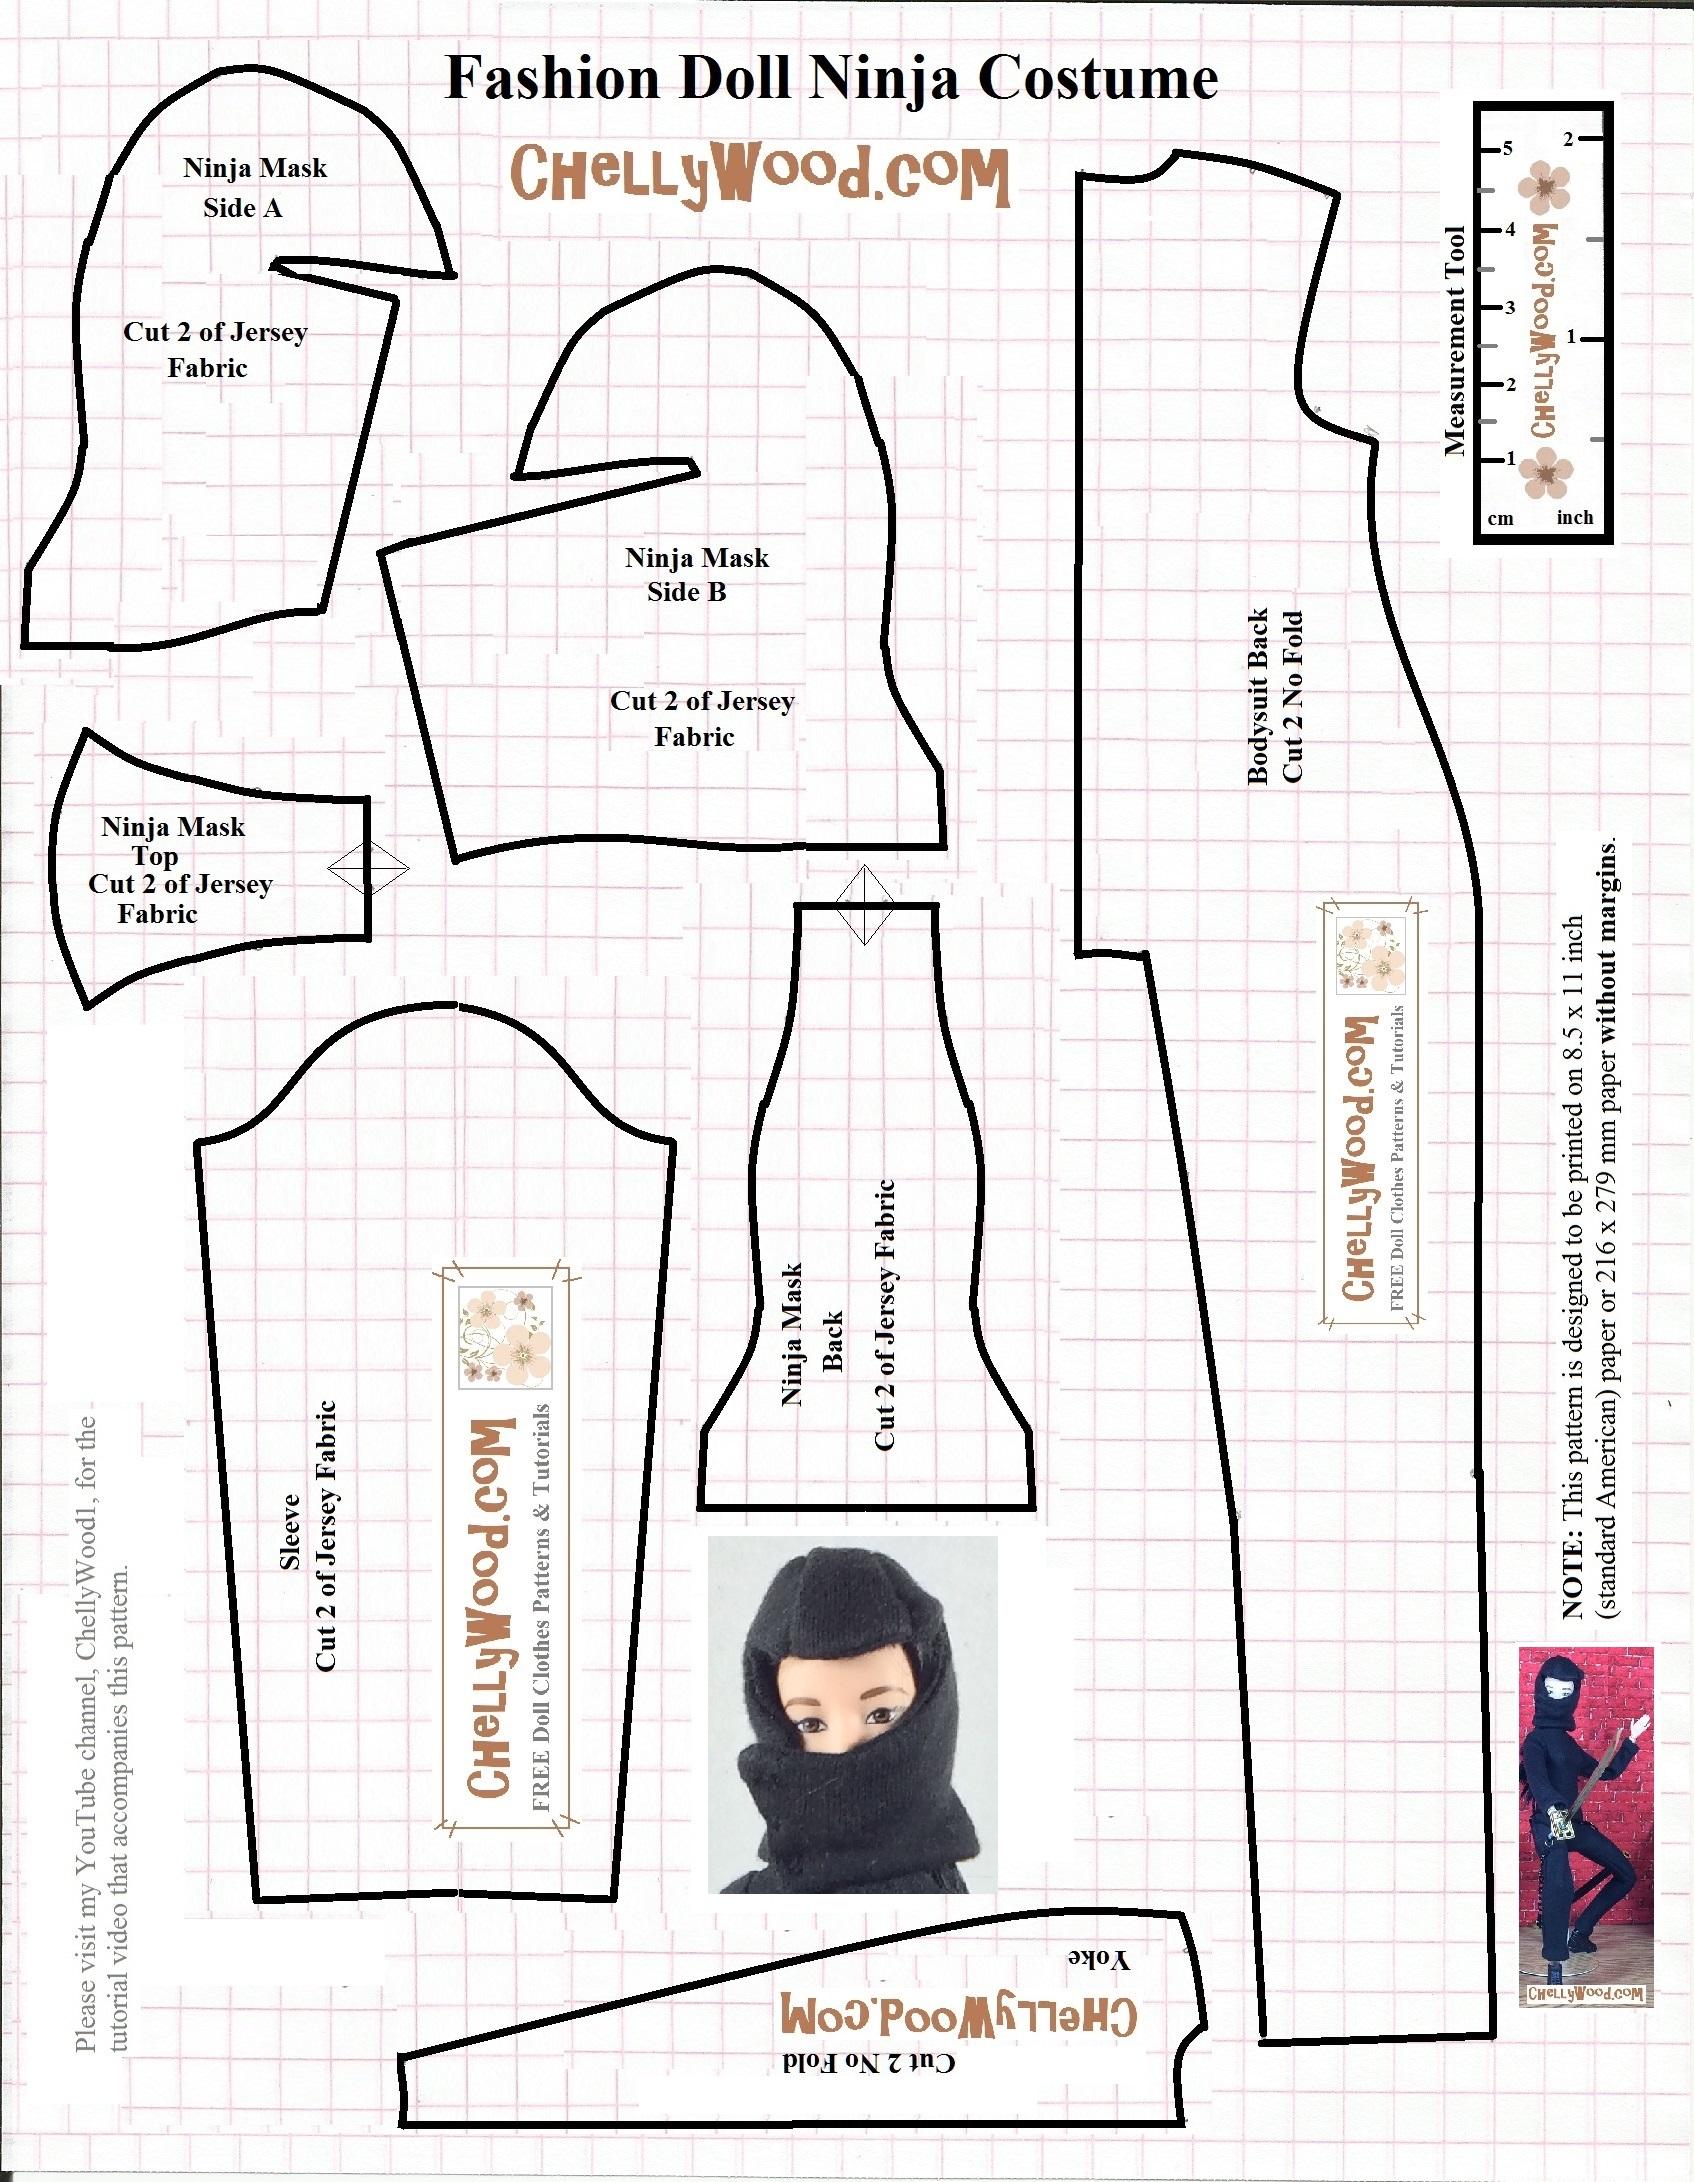 Sew your own #DIY fashion #Dolls' #NinjaWarrior uniform w